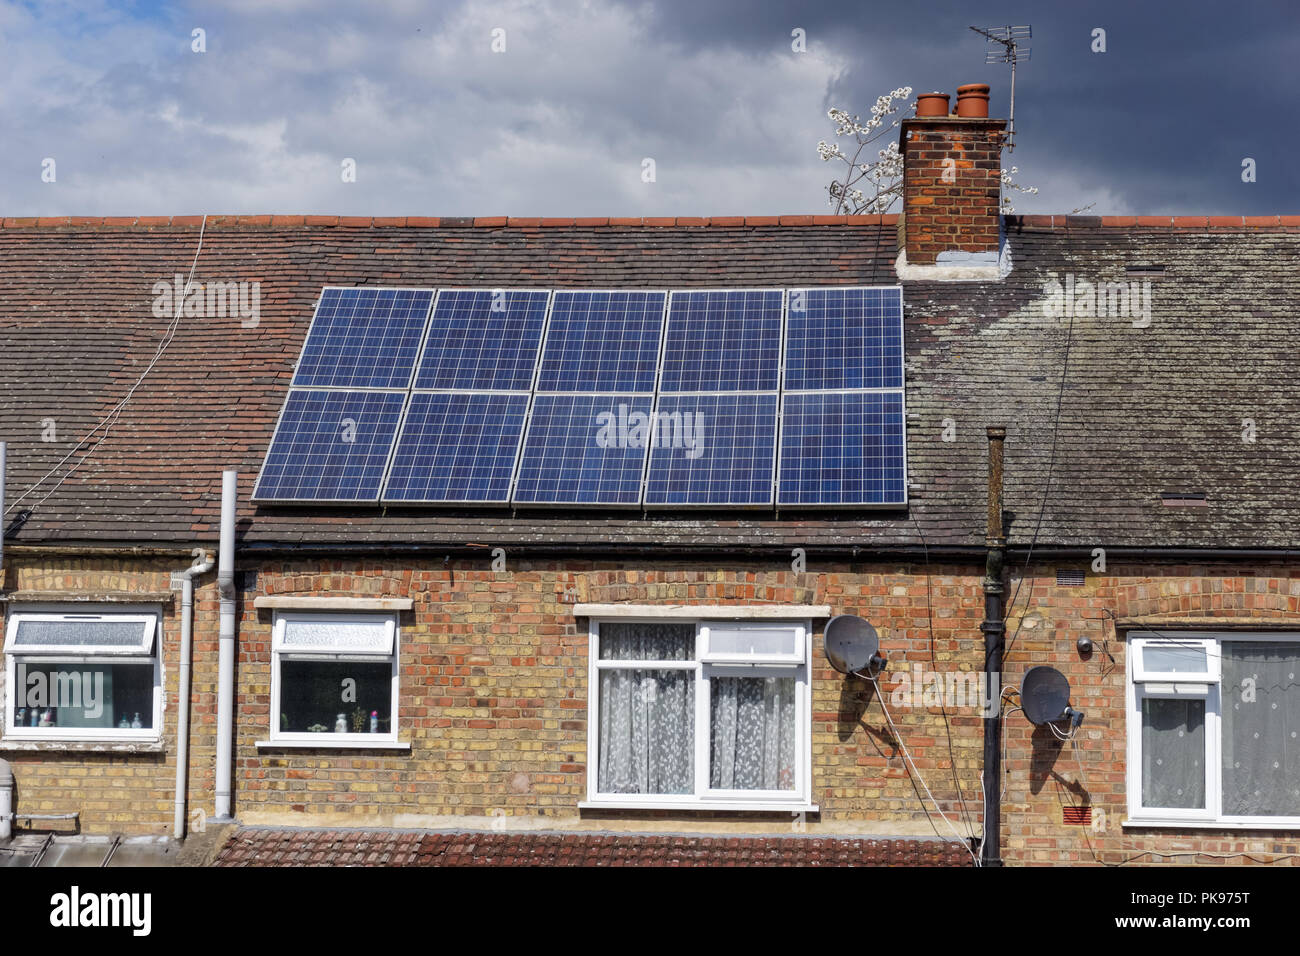 House with solar panels in London, England, United Kingdom, UK - Stock Image